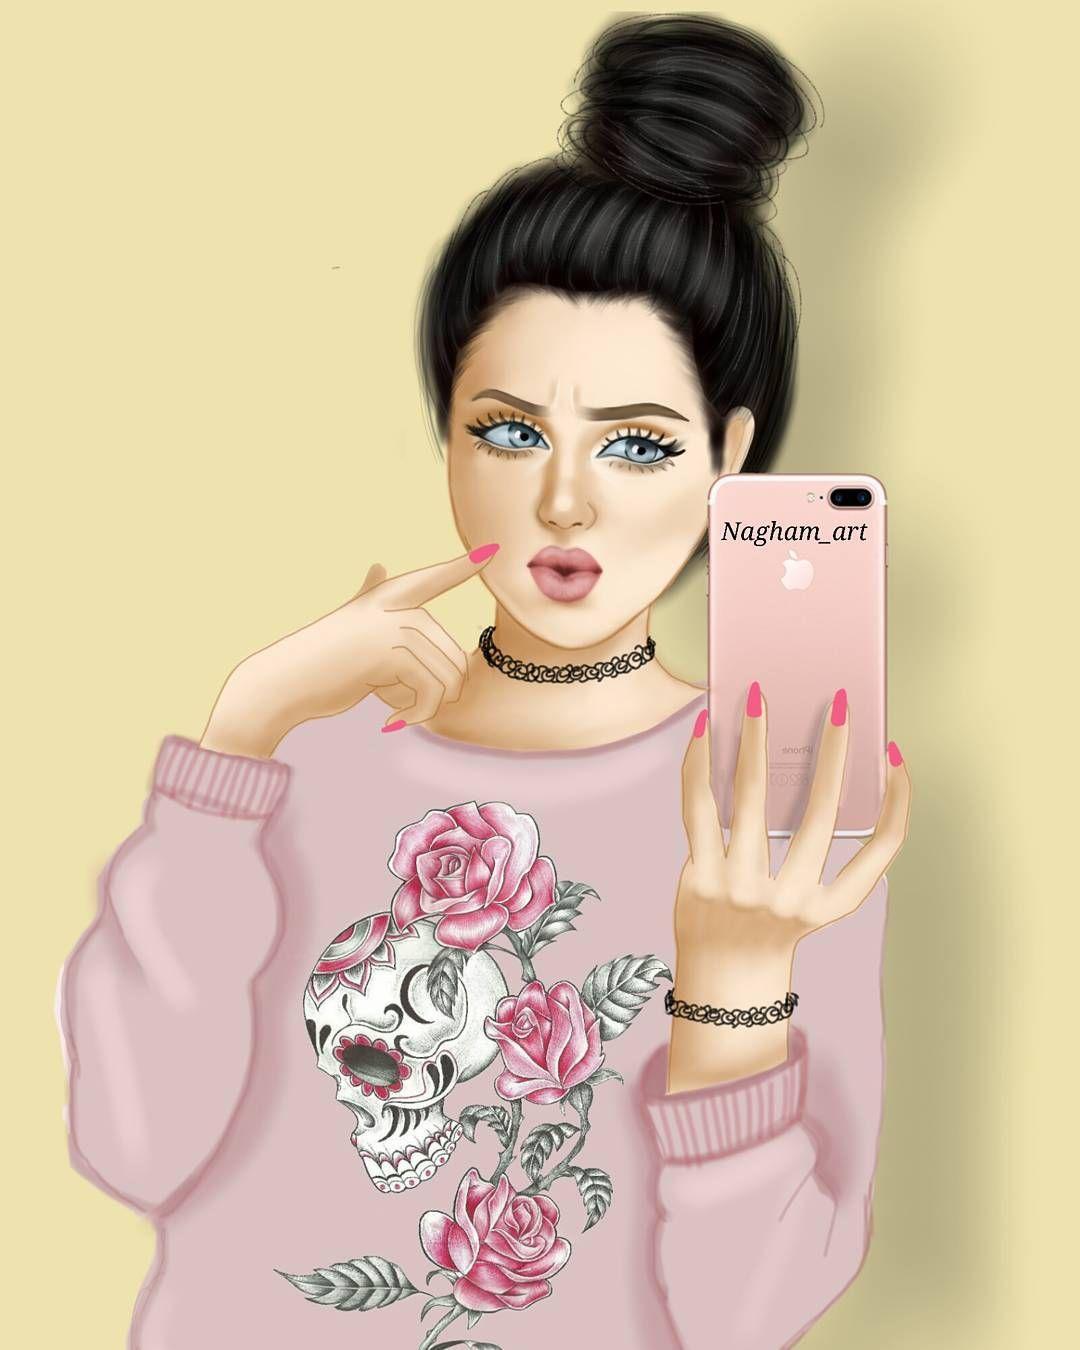 صور بنات كرتون حزينه رومانسيه رمزيات انمي كرتونيه Cute Girl Wallpaper Beautiful Girl Drawing Girly M